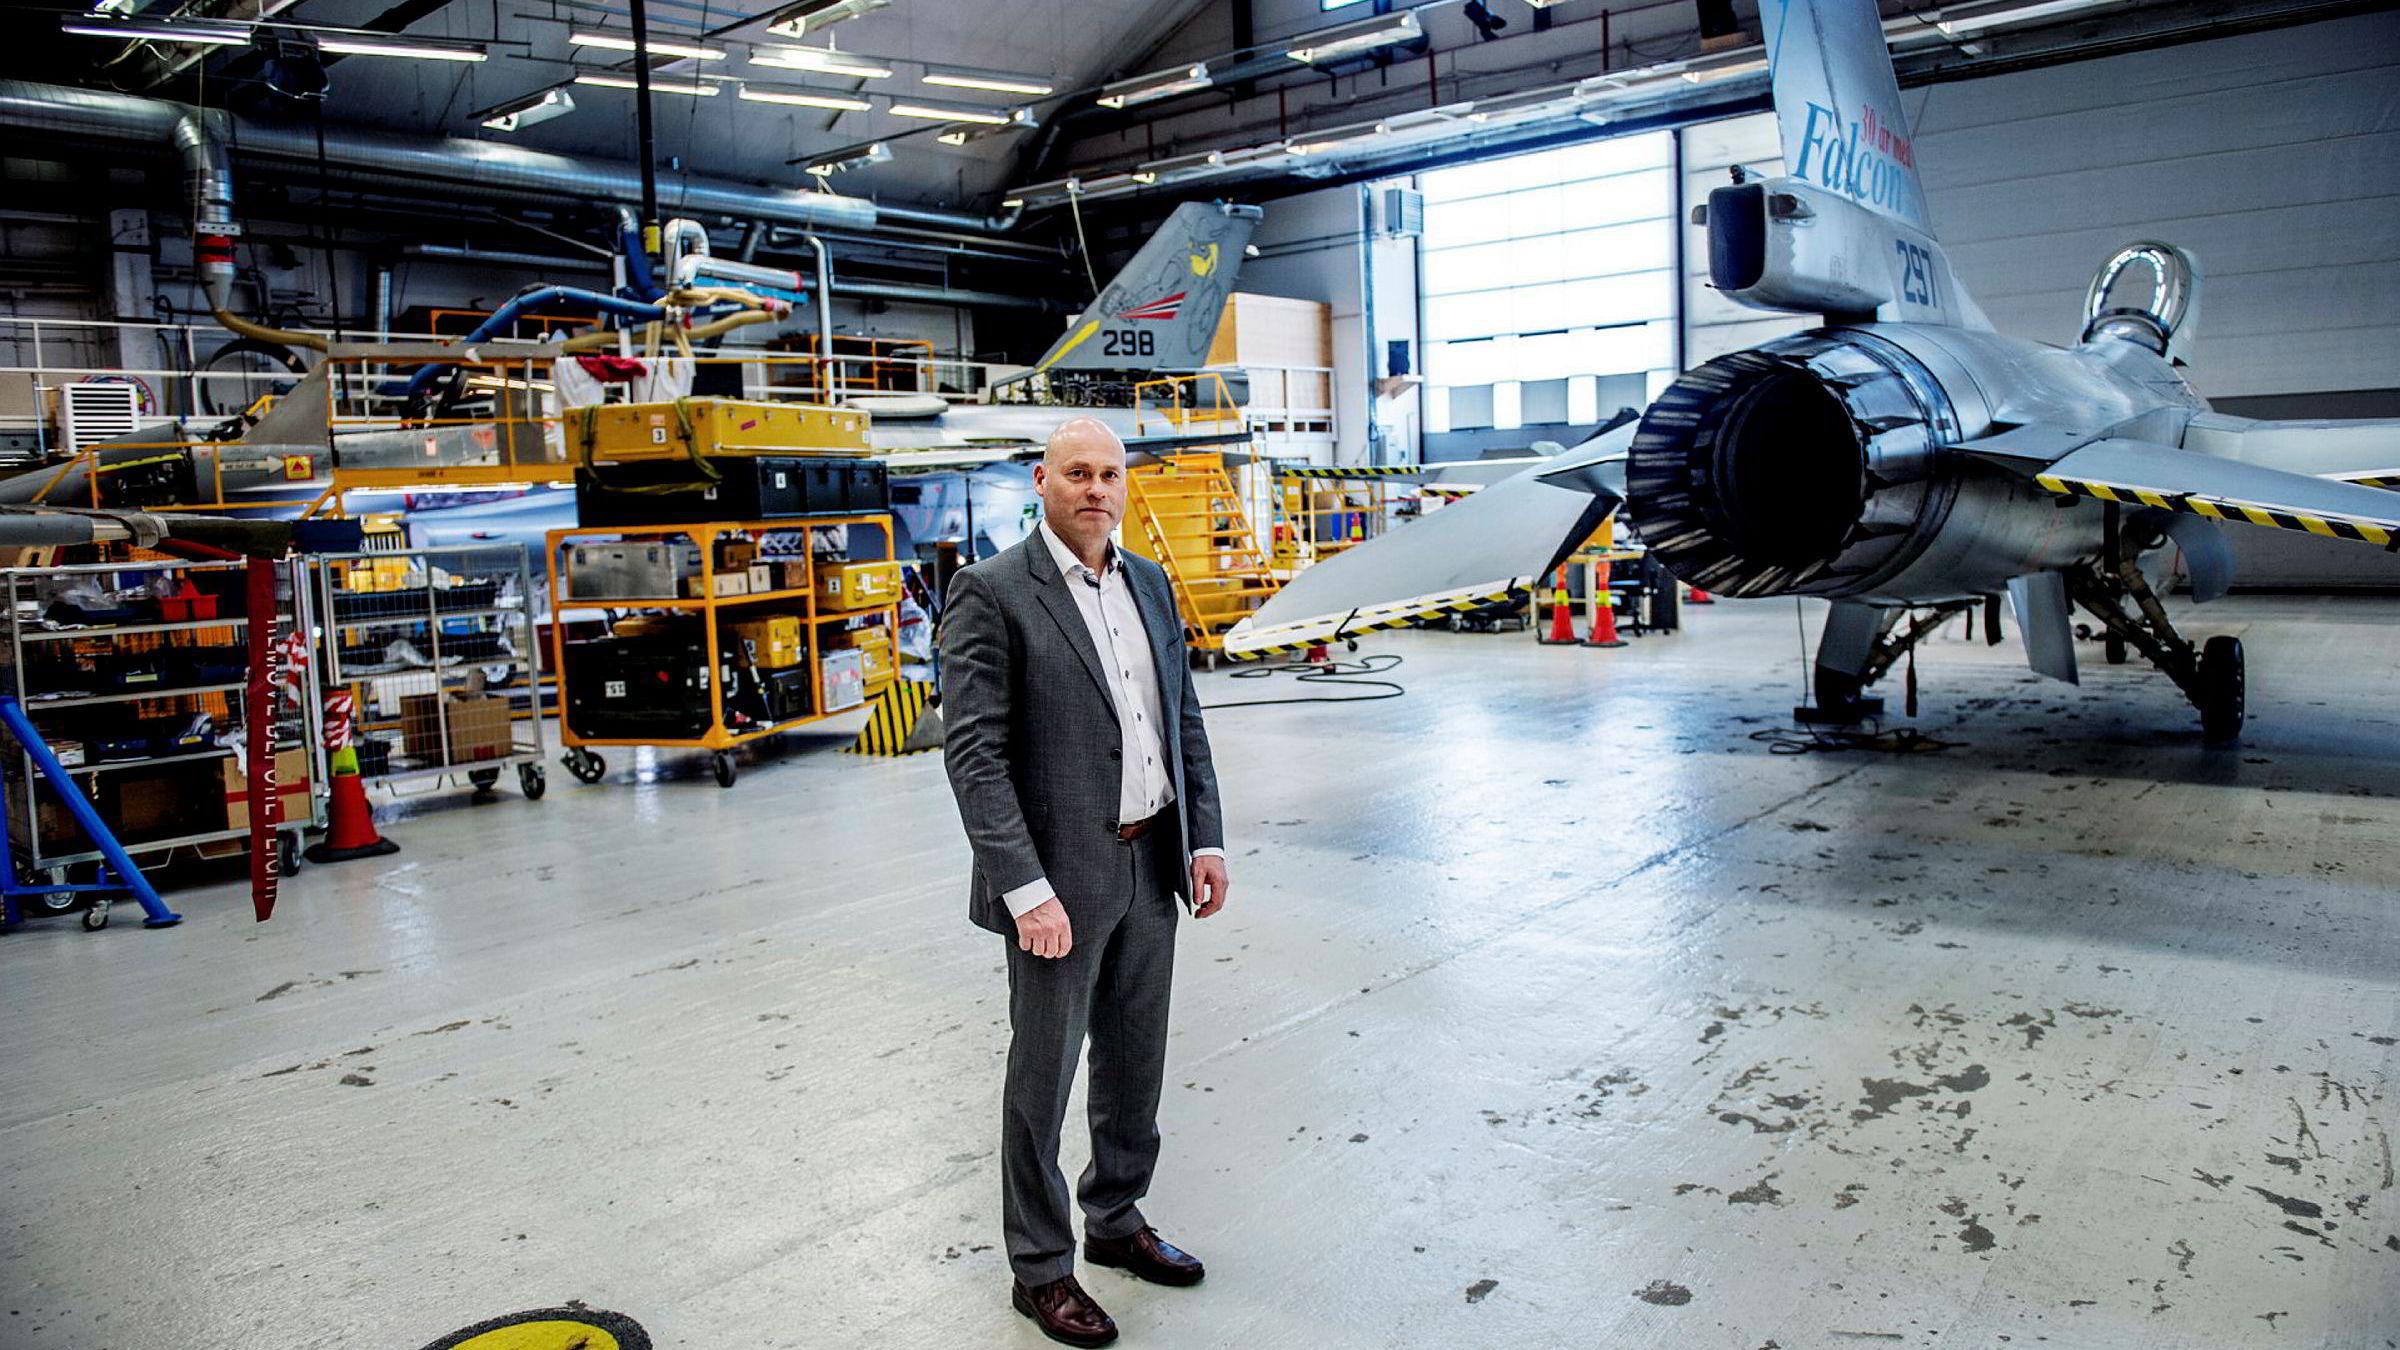 Direktør Ove Haukåssveen ved AIM Norway på Kjeller mener selskapet er uforståelig utestengt fra konkurransen om å få vedlikeholde nye norske helikoptre.